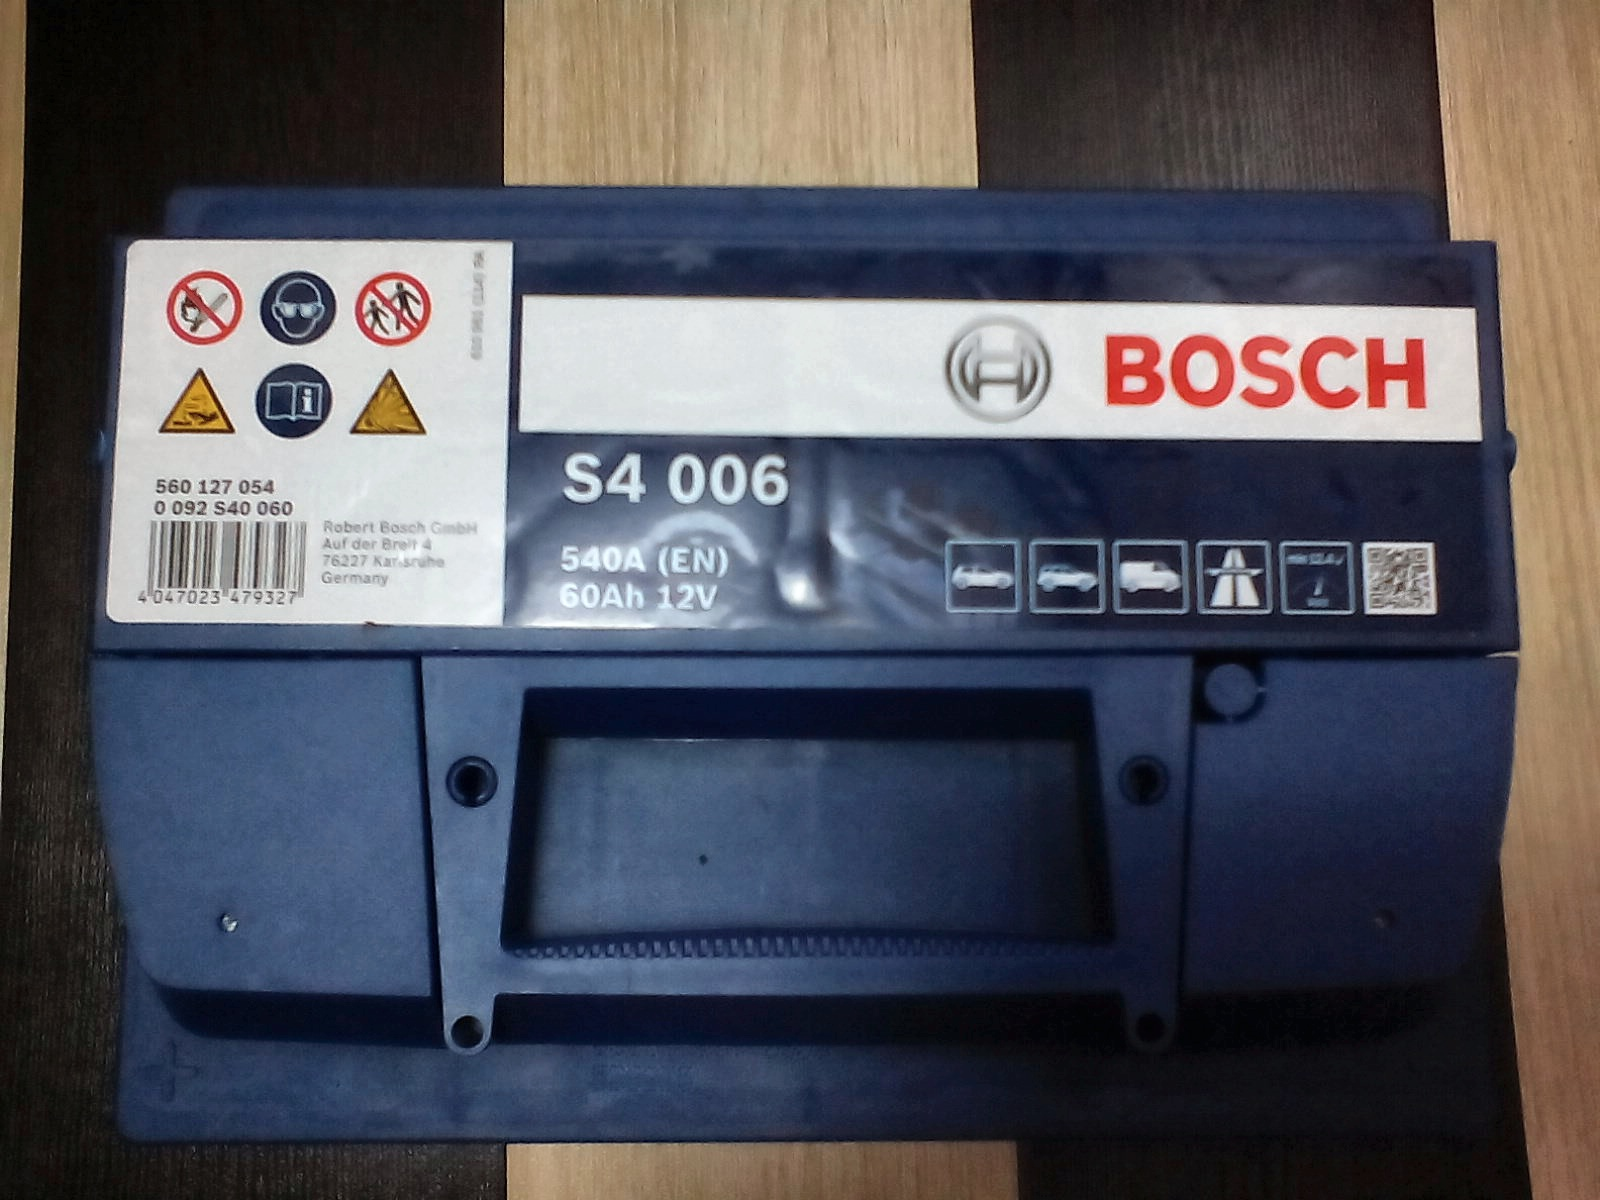 Bosch silver s4 006 инструкция